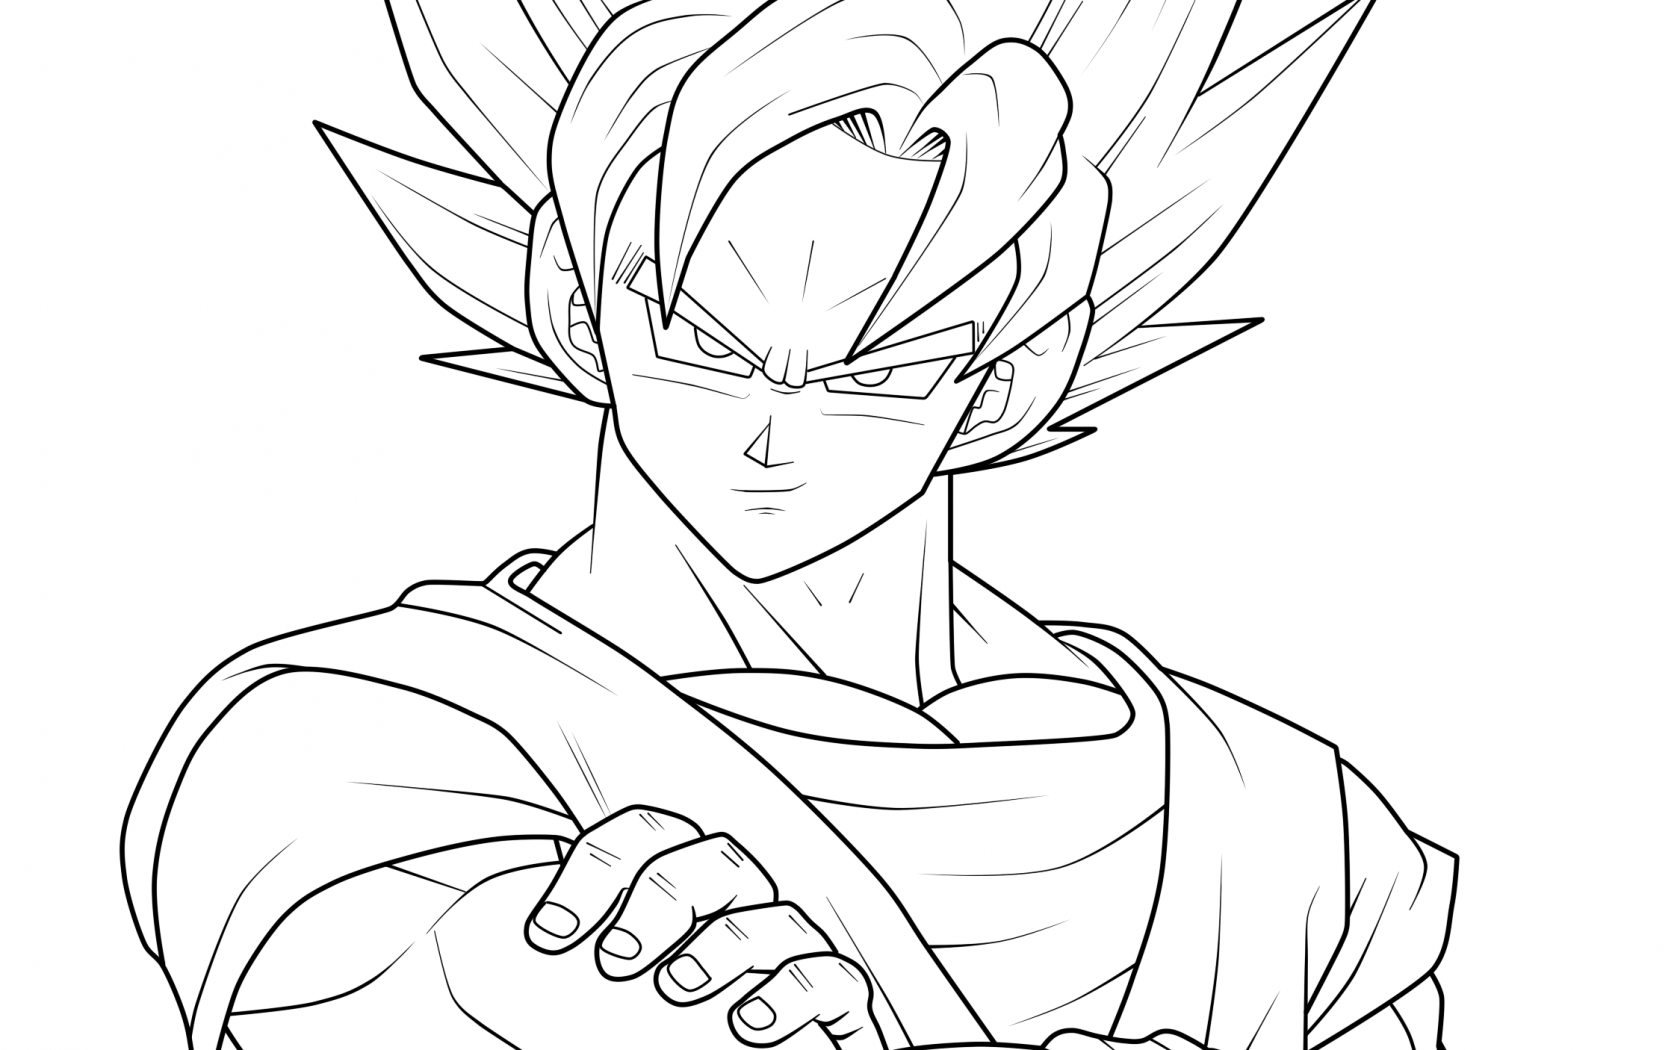 1680x1050 Dragon Ball Z Coloring Pages Vegeta And Goku Printable Free